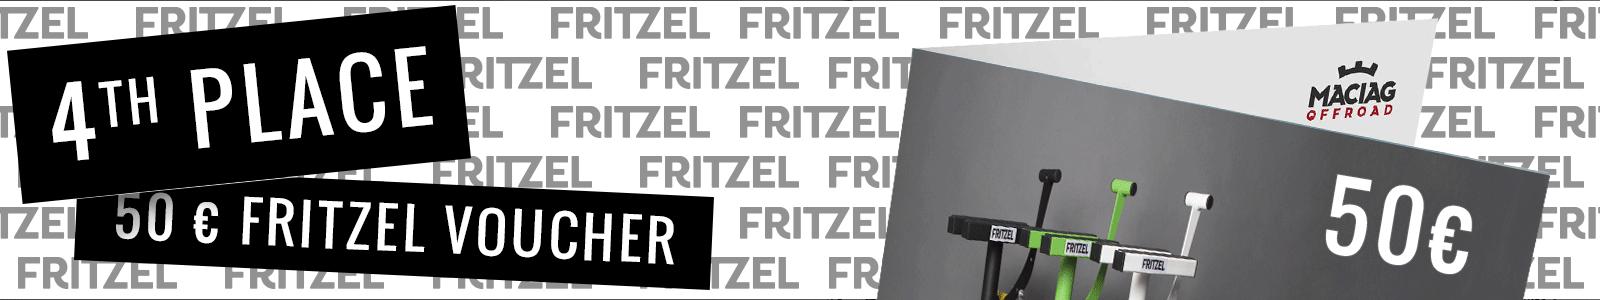 4th Place FRITZEL voucher